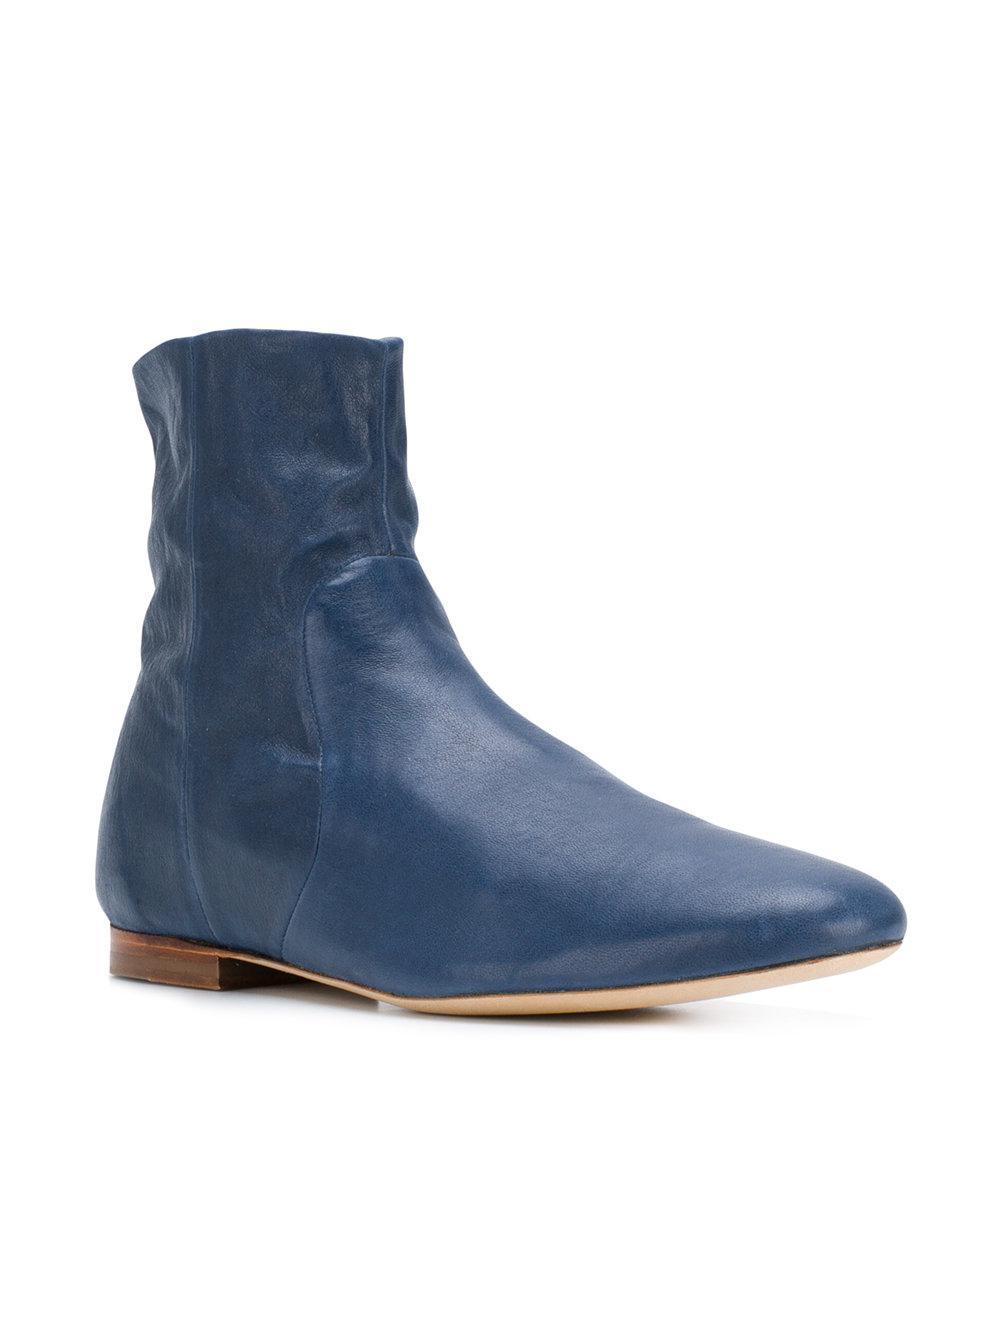 Lyst - Bill boots Stouls en coloris Bleu 7d2b9343ba1